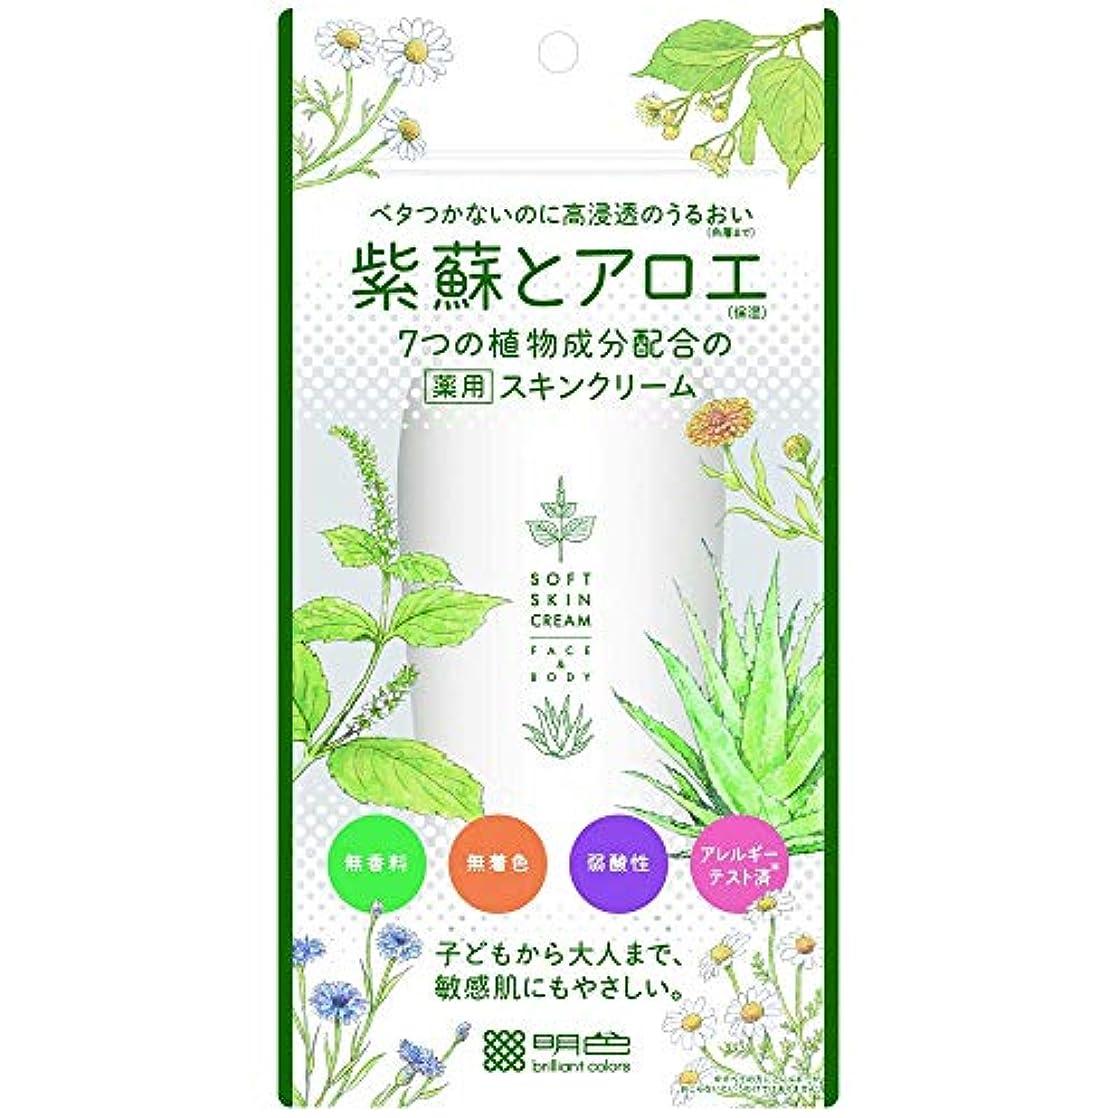 円形の盆地迷信【5個セット】紫蘇とアロエ 薬用スキンクリーム 190g